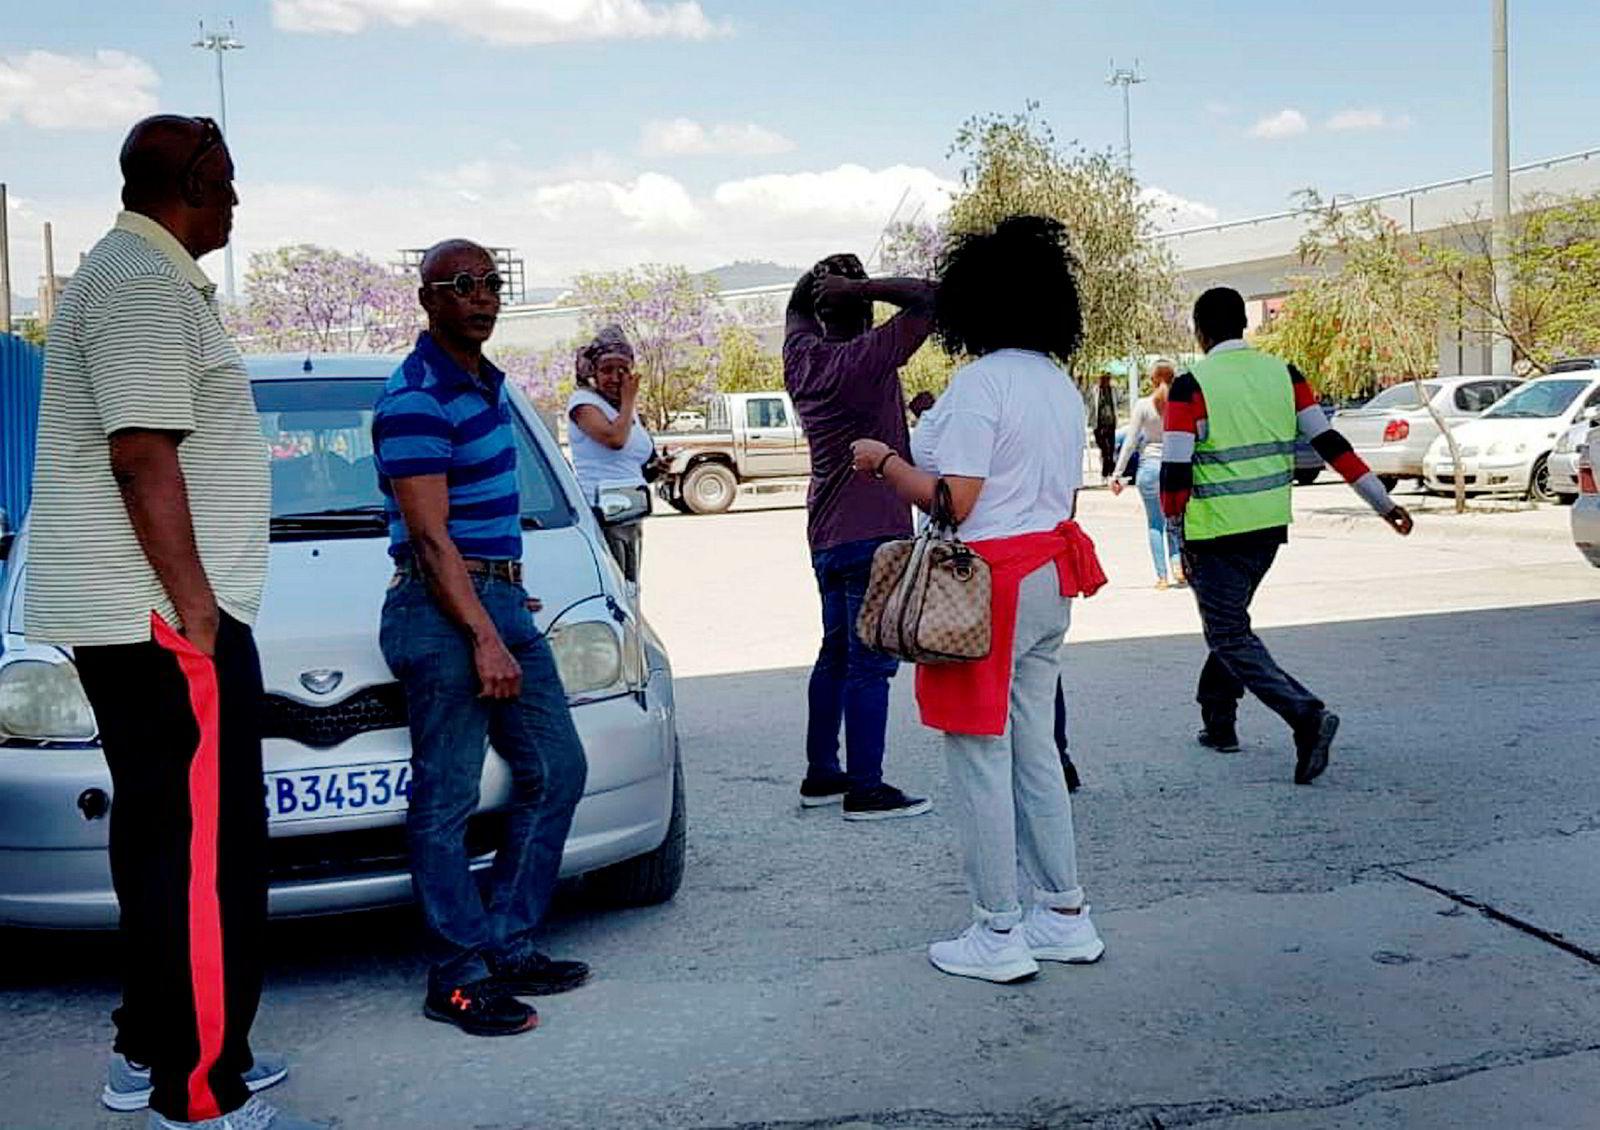 Familiemedlemmer av de antatt omkomne passasjerene på flyplassen i Addis Ababa for å få informasjon om flystyrten.